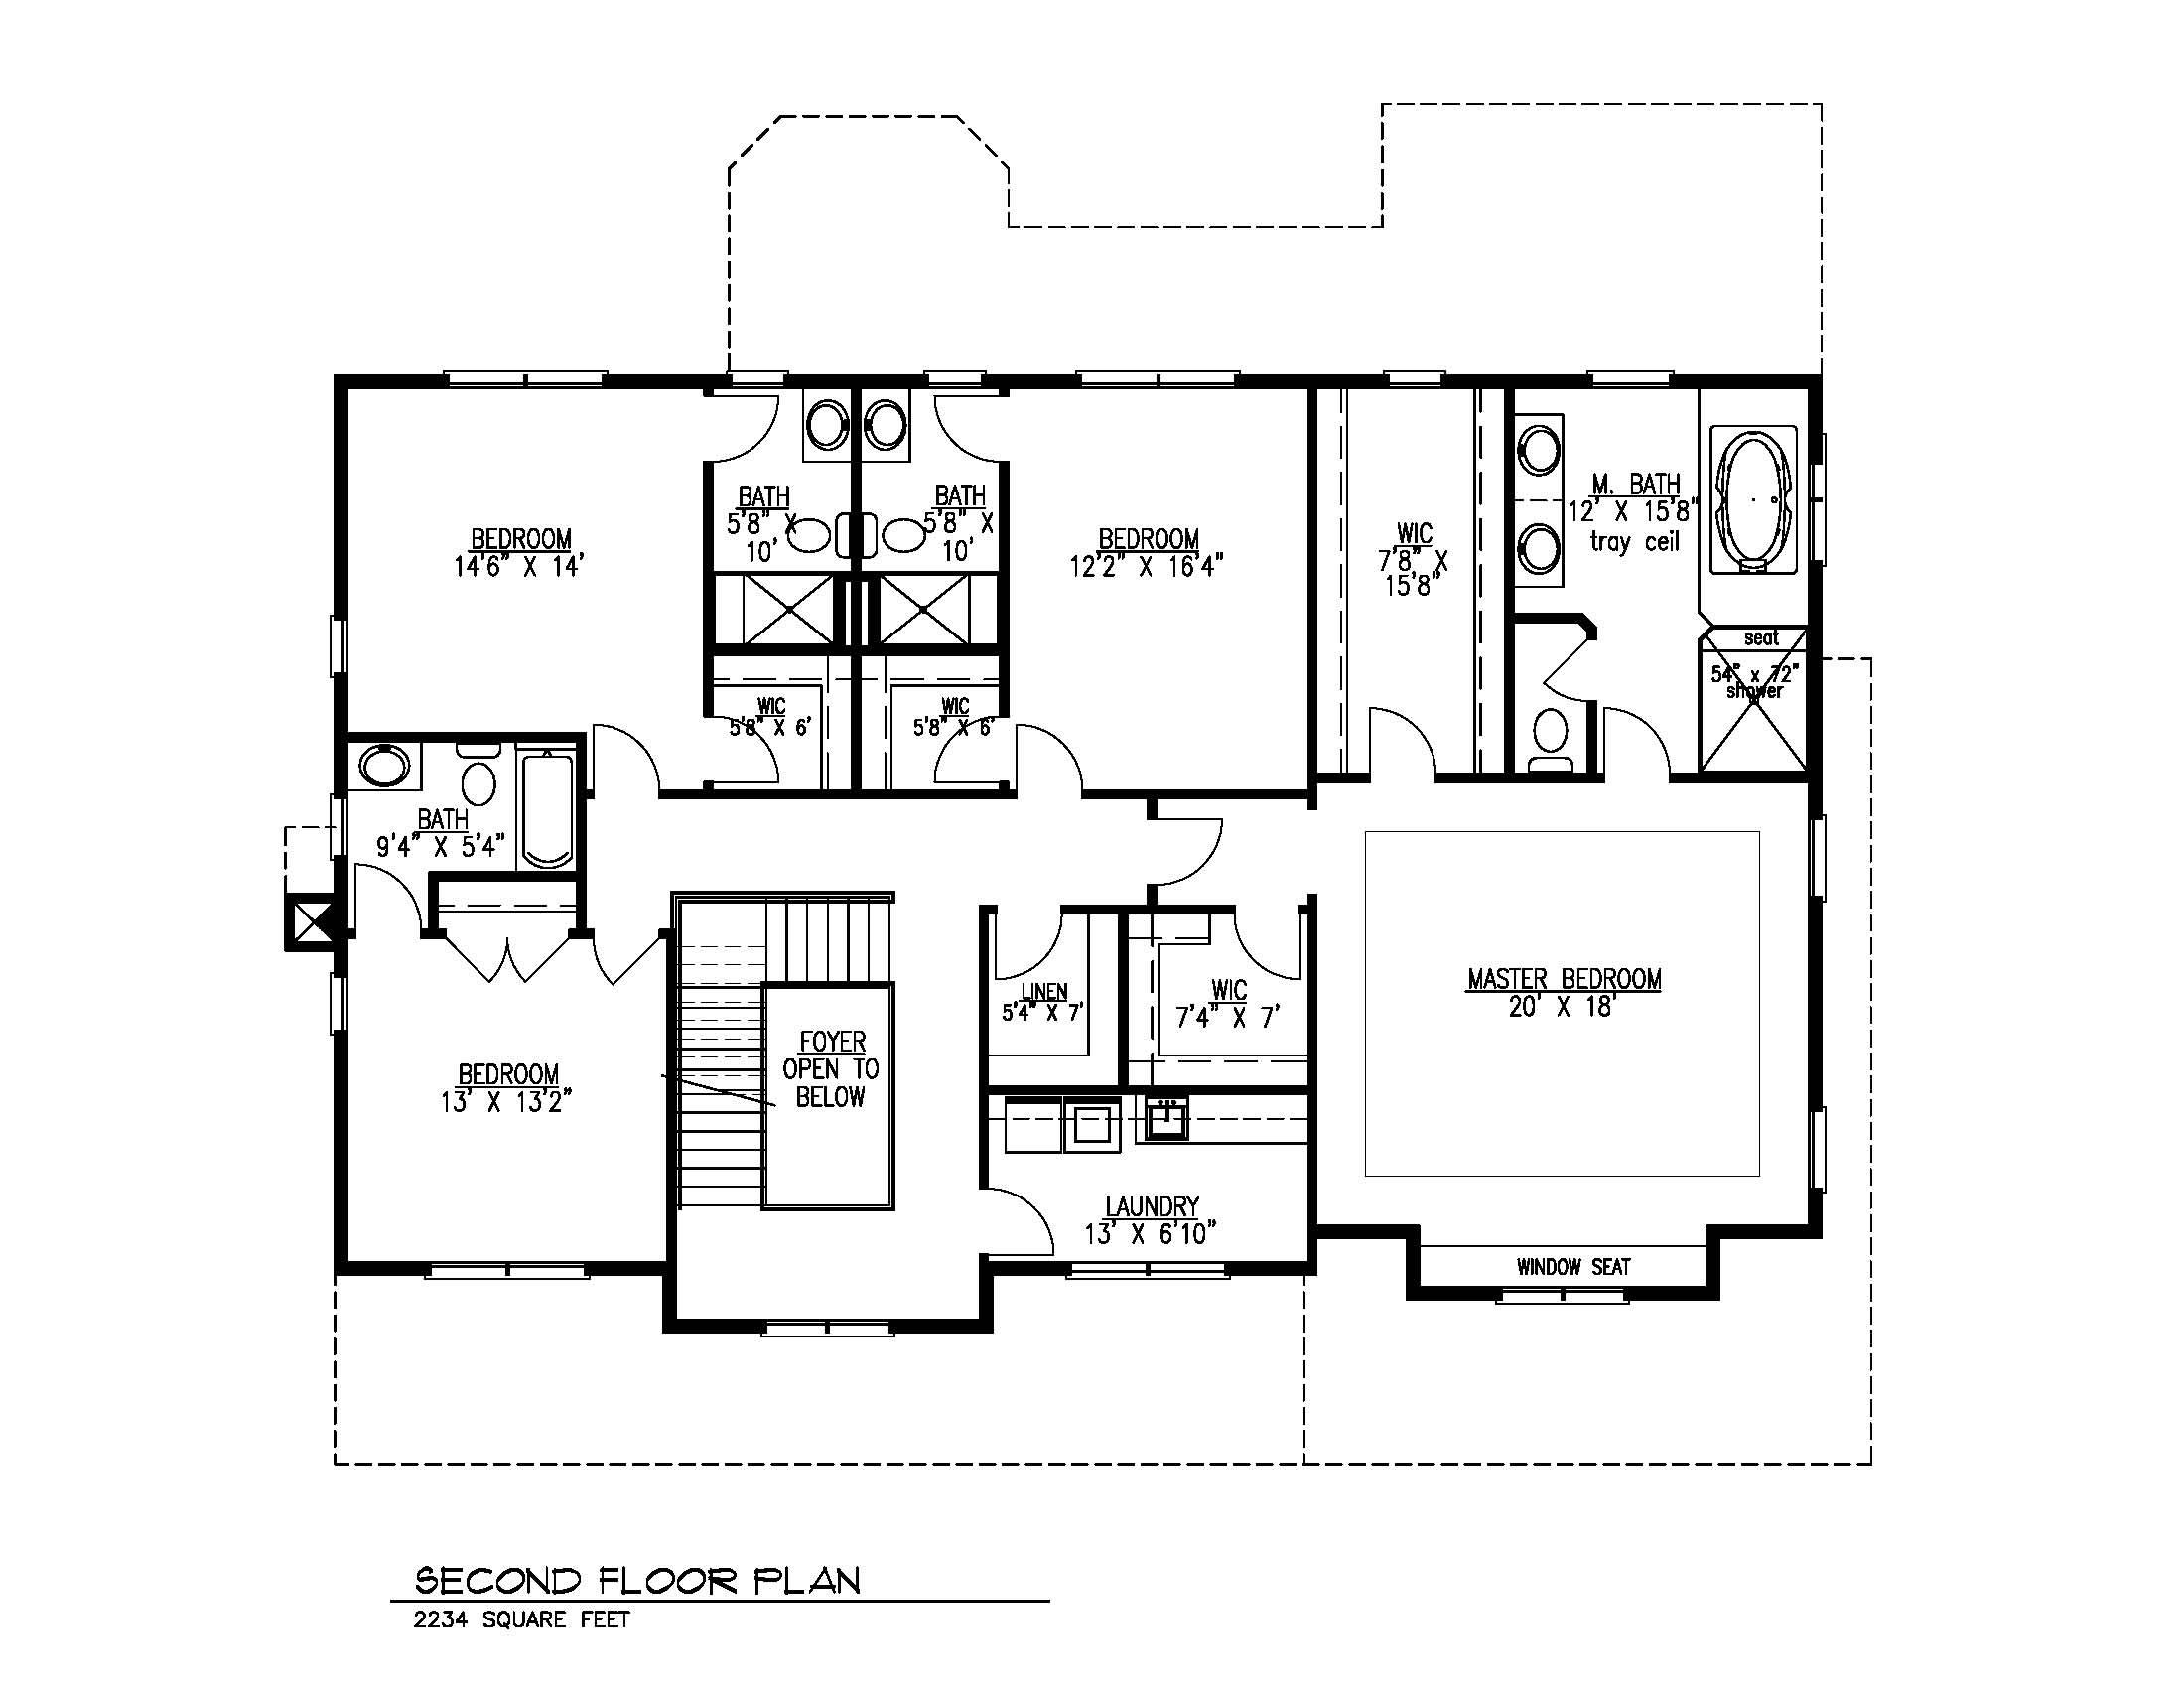 23-Skyline-Second-Floor-Plan